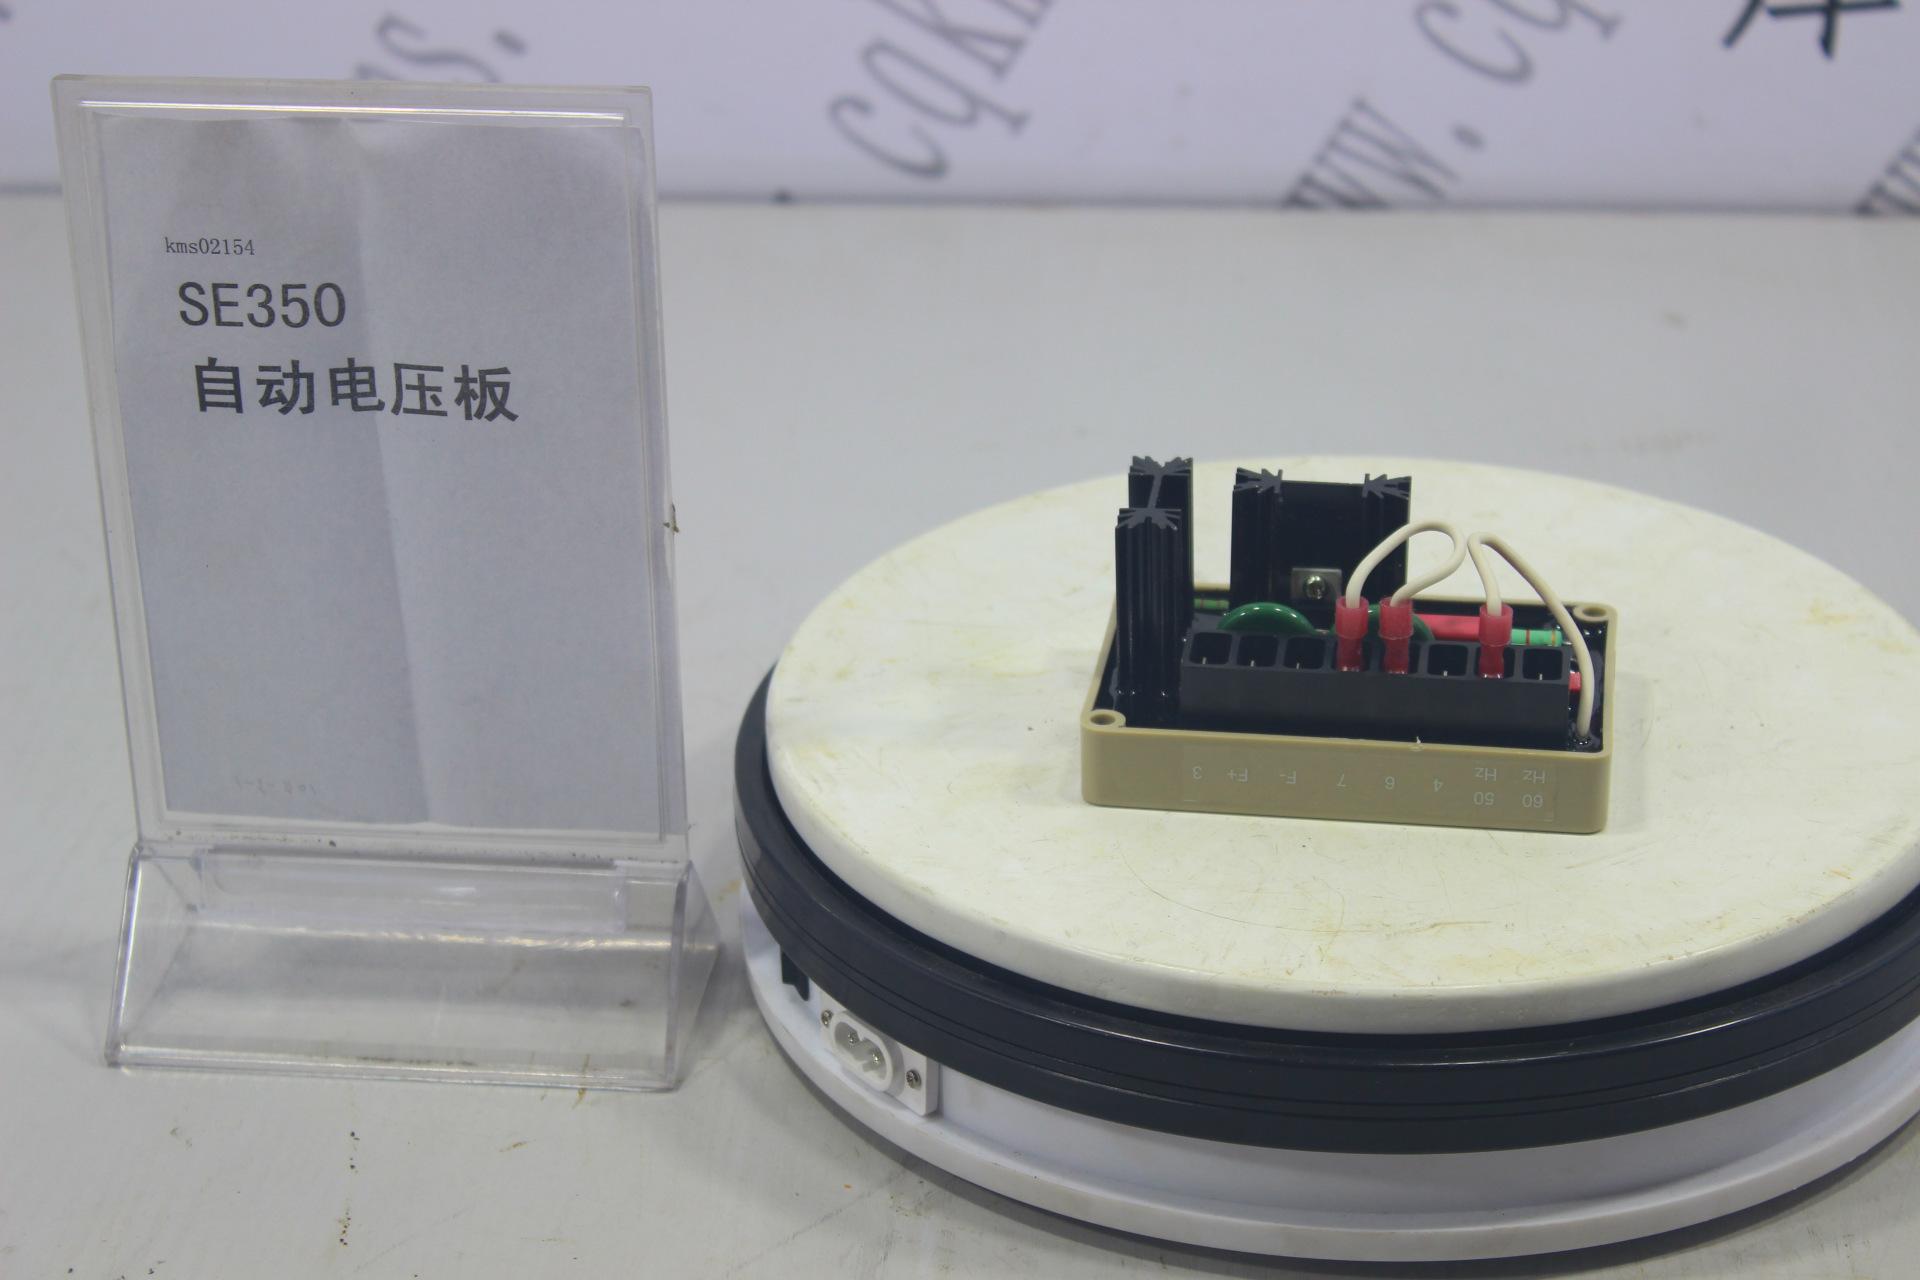 kms02154-SE350-自动电压板图片5